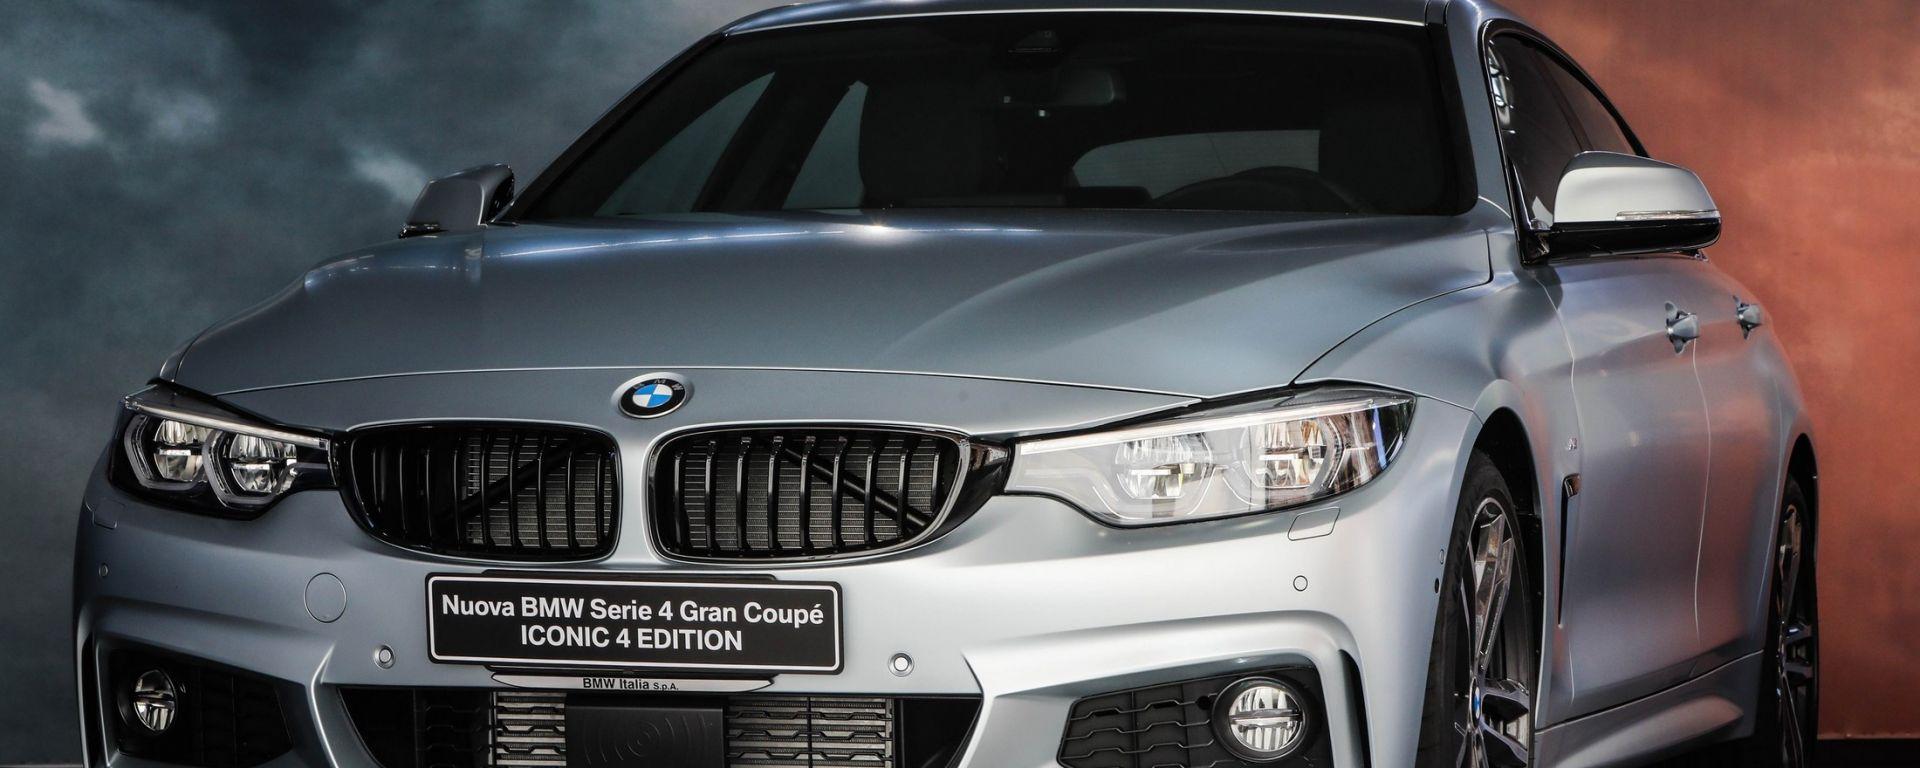 Nuova BMW Serie 4 ICONIC 4 EDITION: allestimento speciale per l'Italia